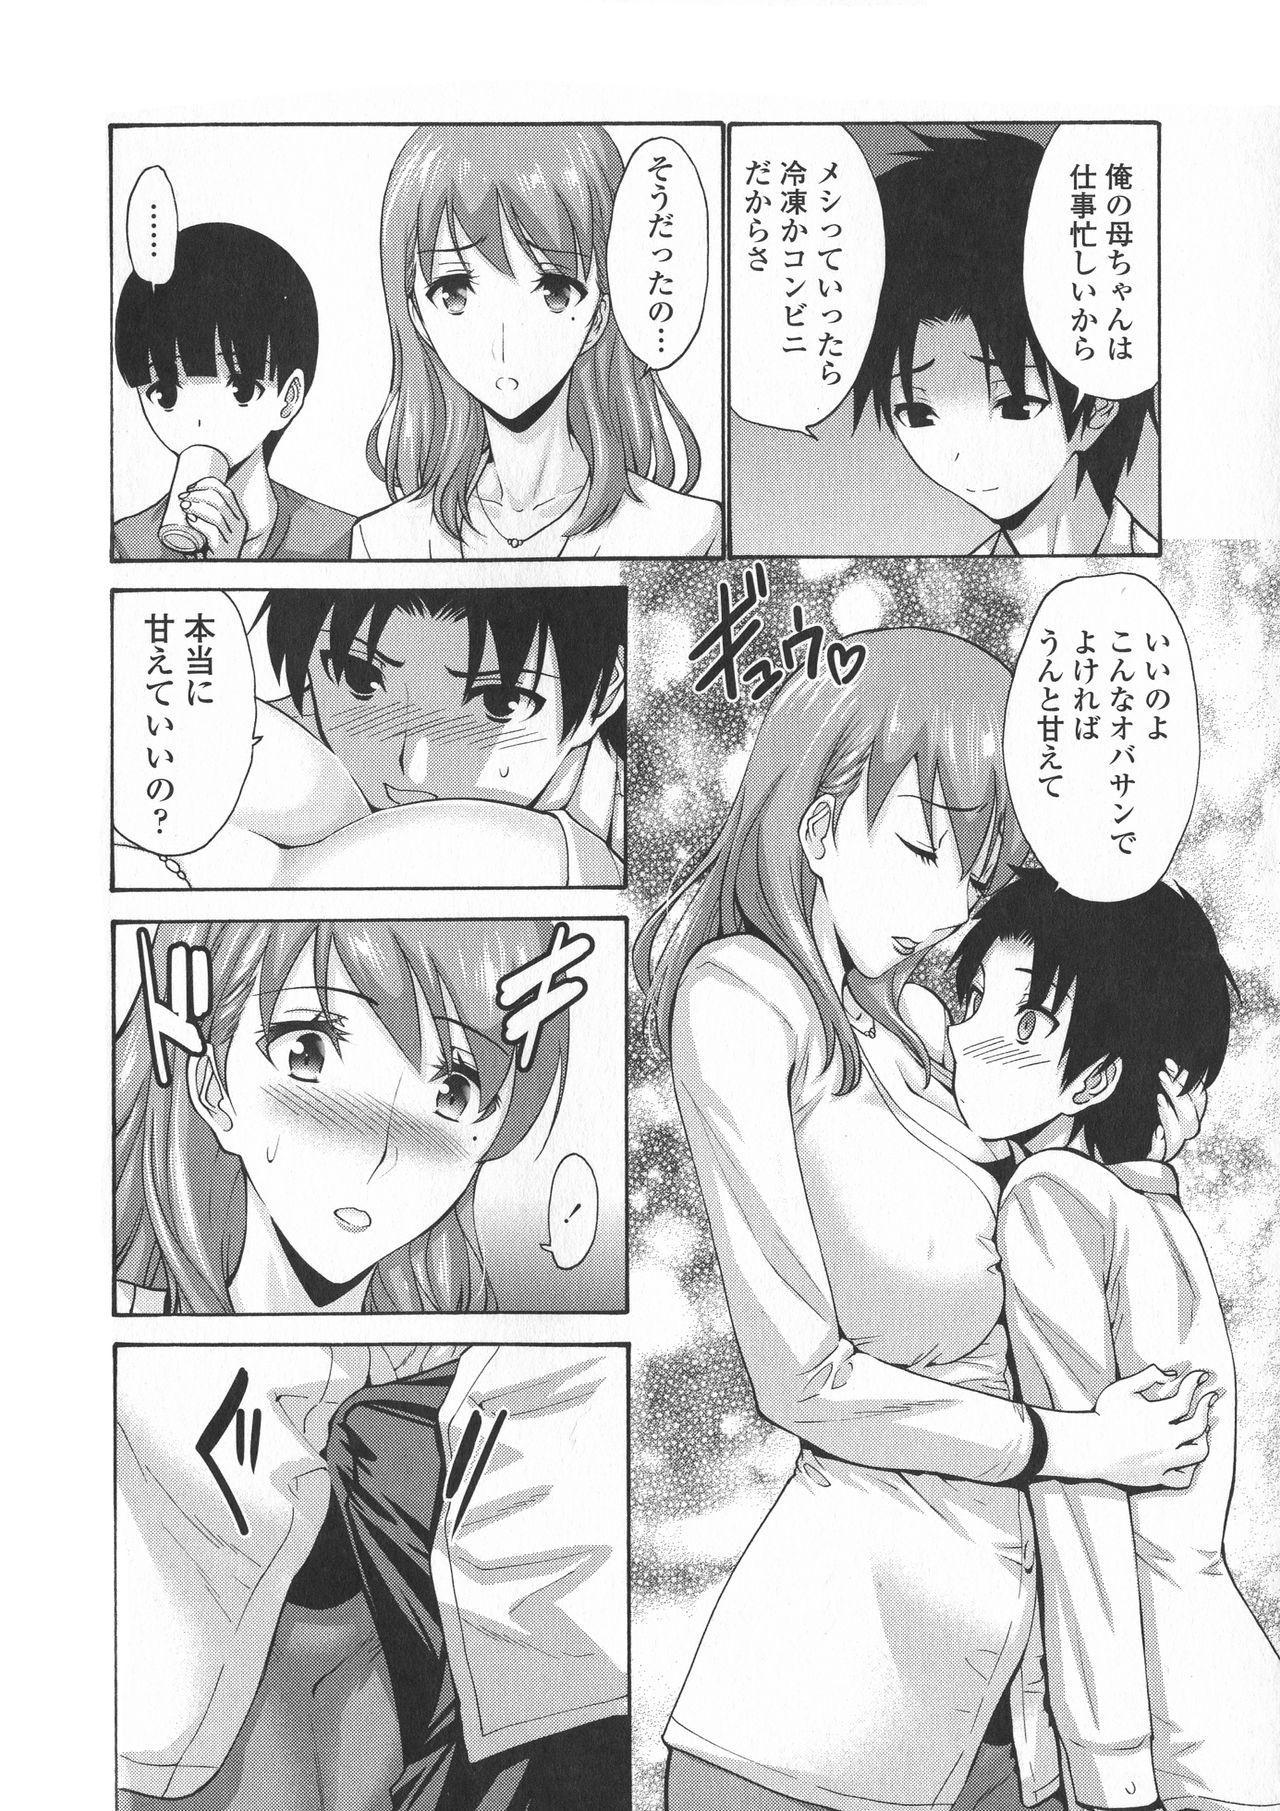 Tomodachi no Haha wa Boku no Mono - His Mother is My Love Hole 11